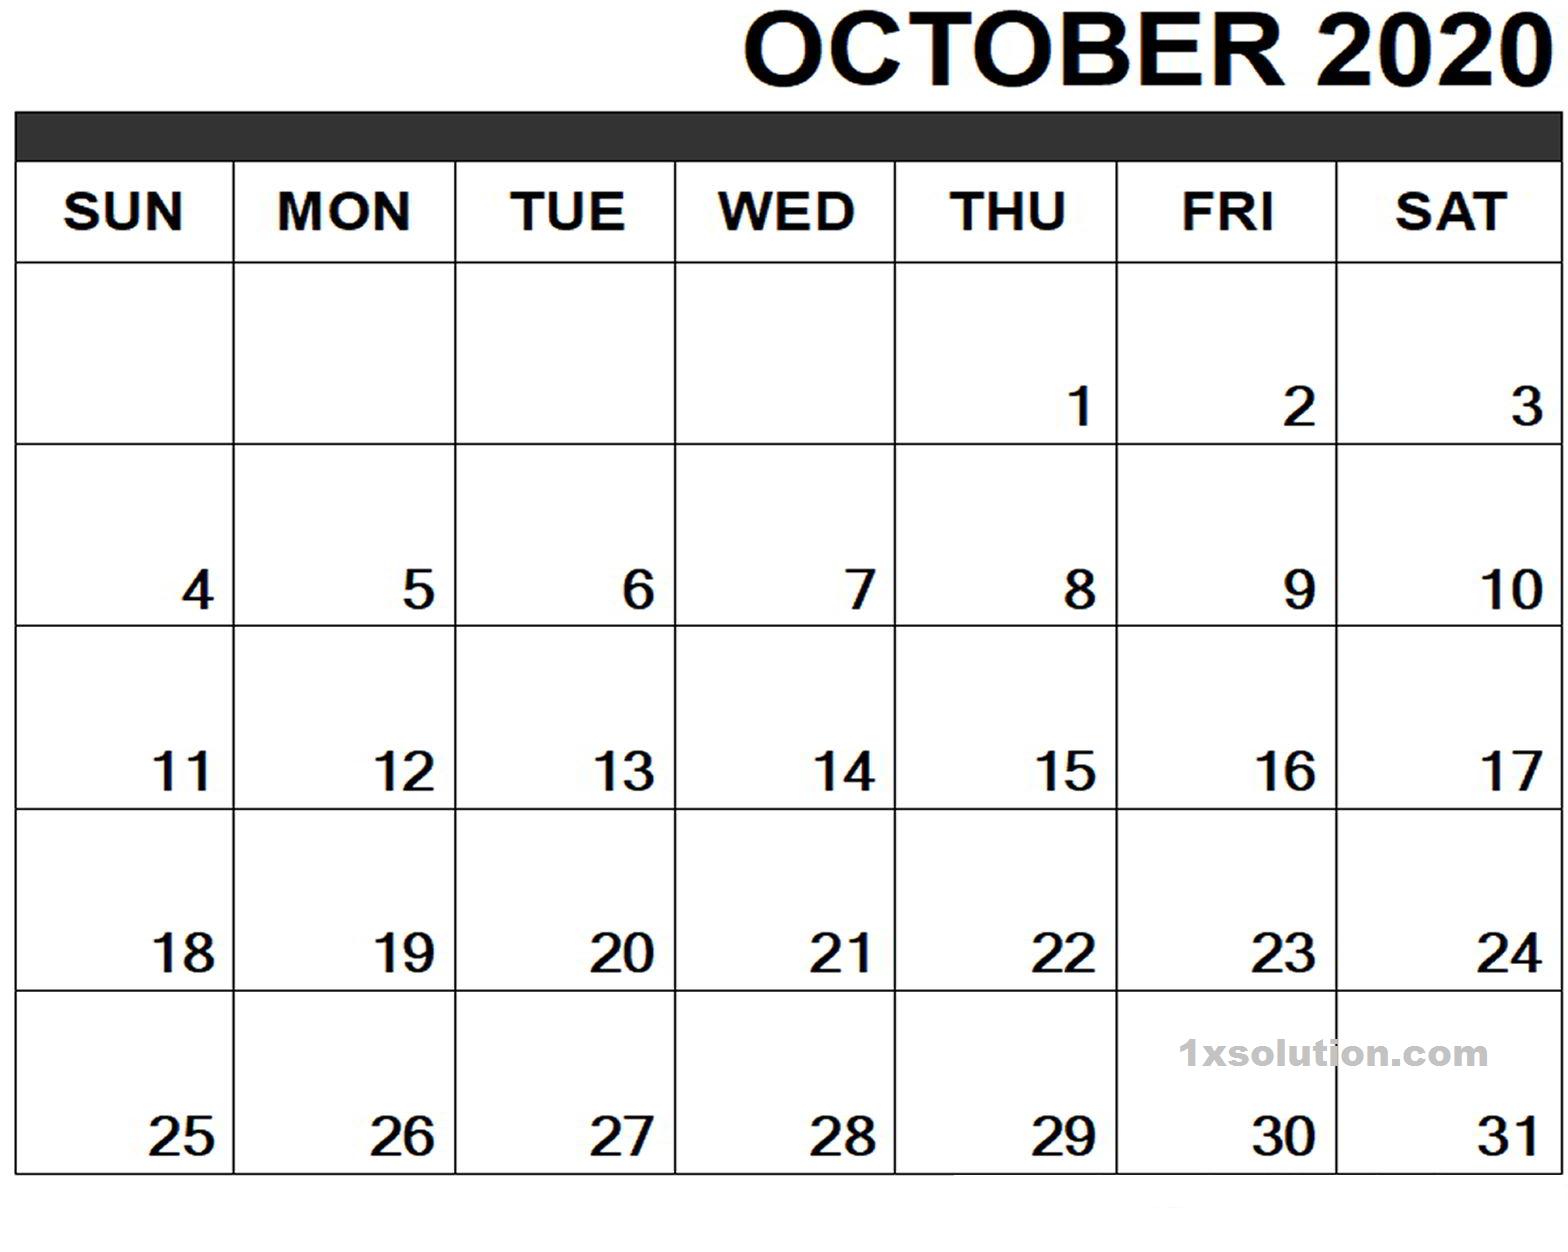 October 2020 Calendar Printable